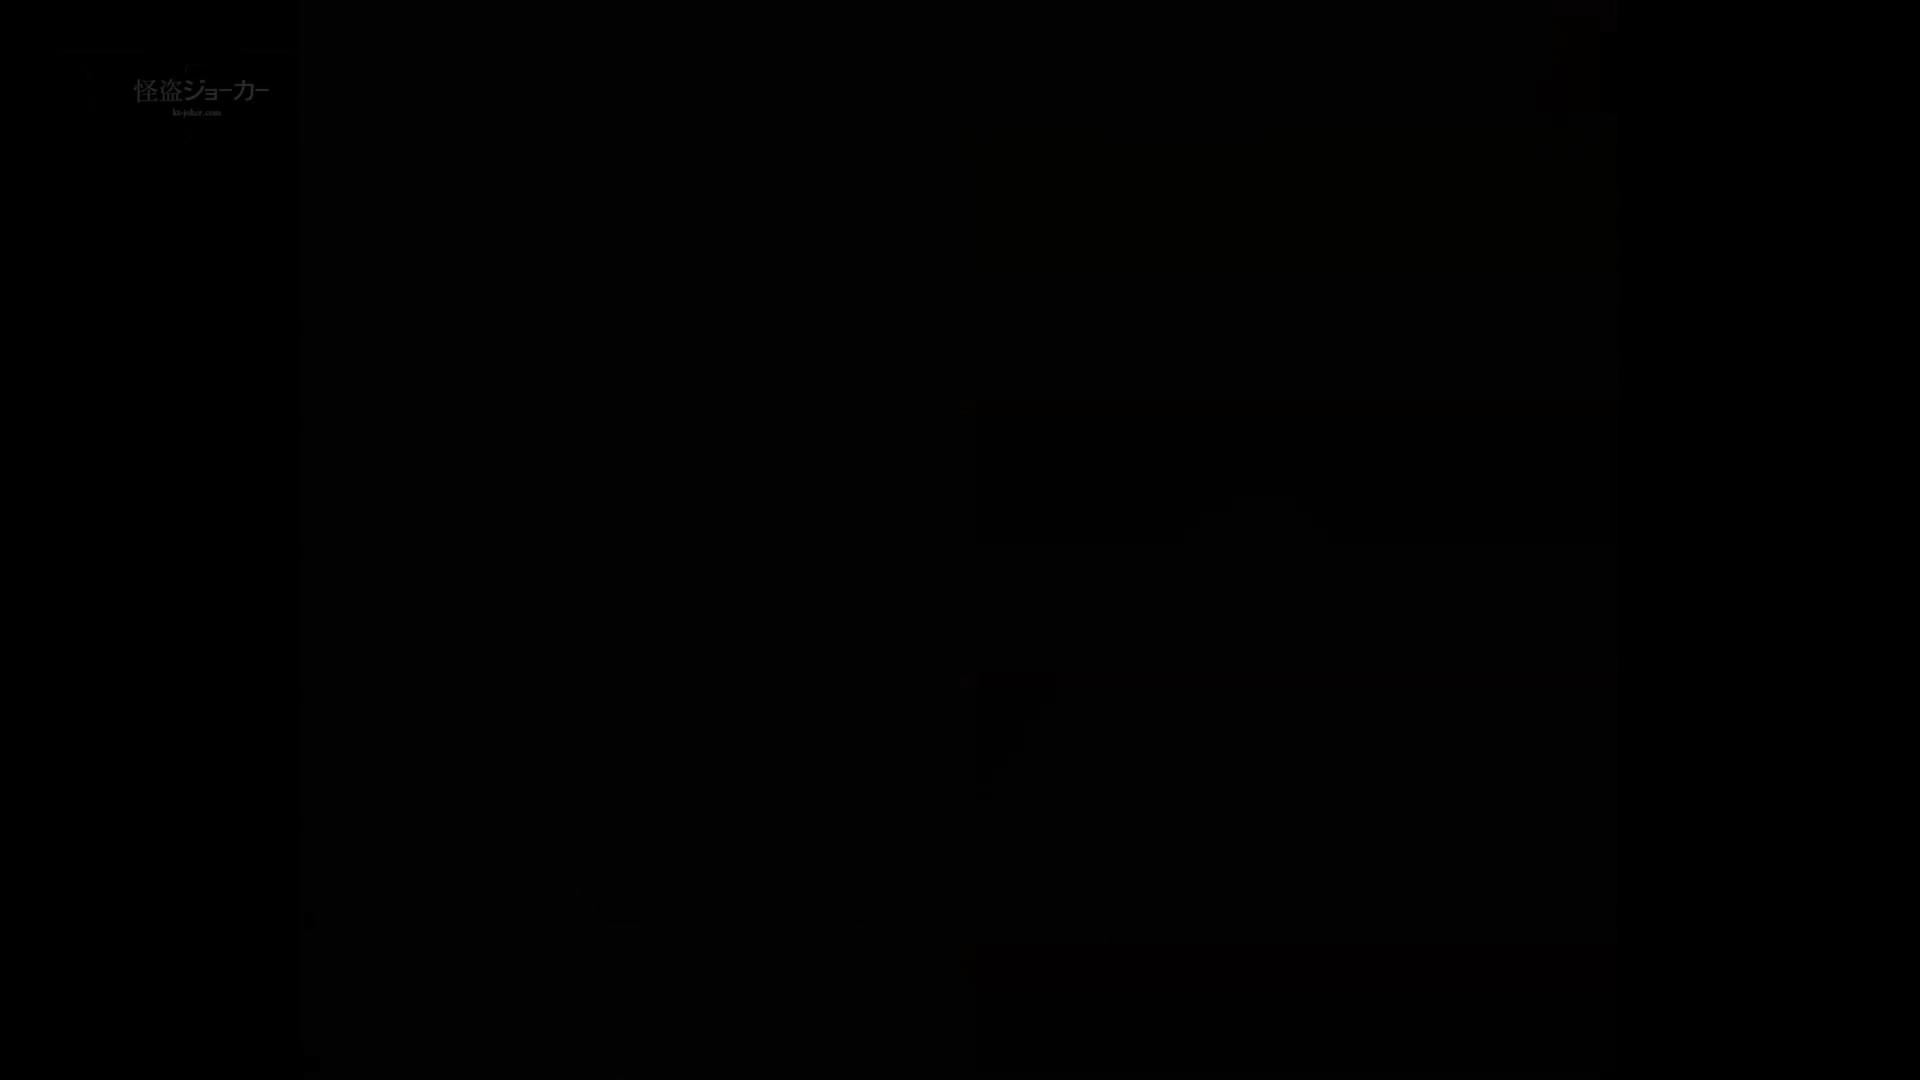 化粧室絵巻 番外編編 VOL.02 銀河さん庫出し映像2!!映像が・・・ エッチすぎるOL達 | 0  81連発 41